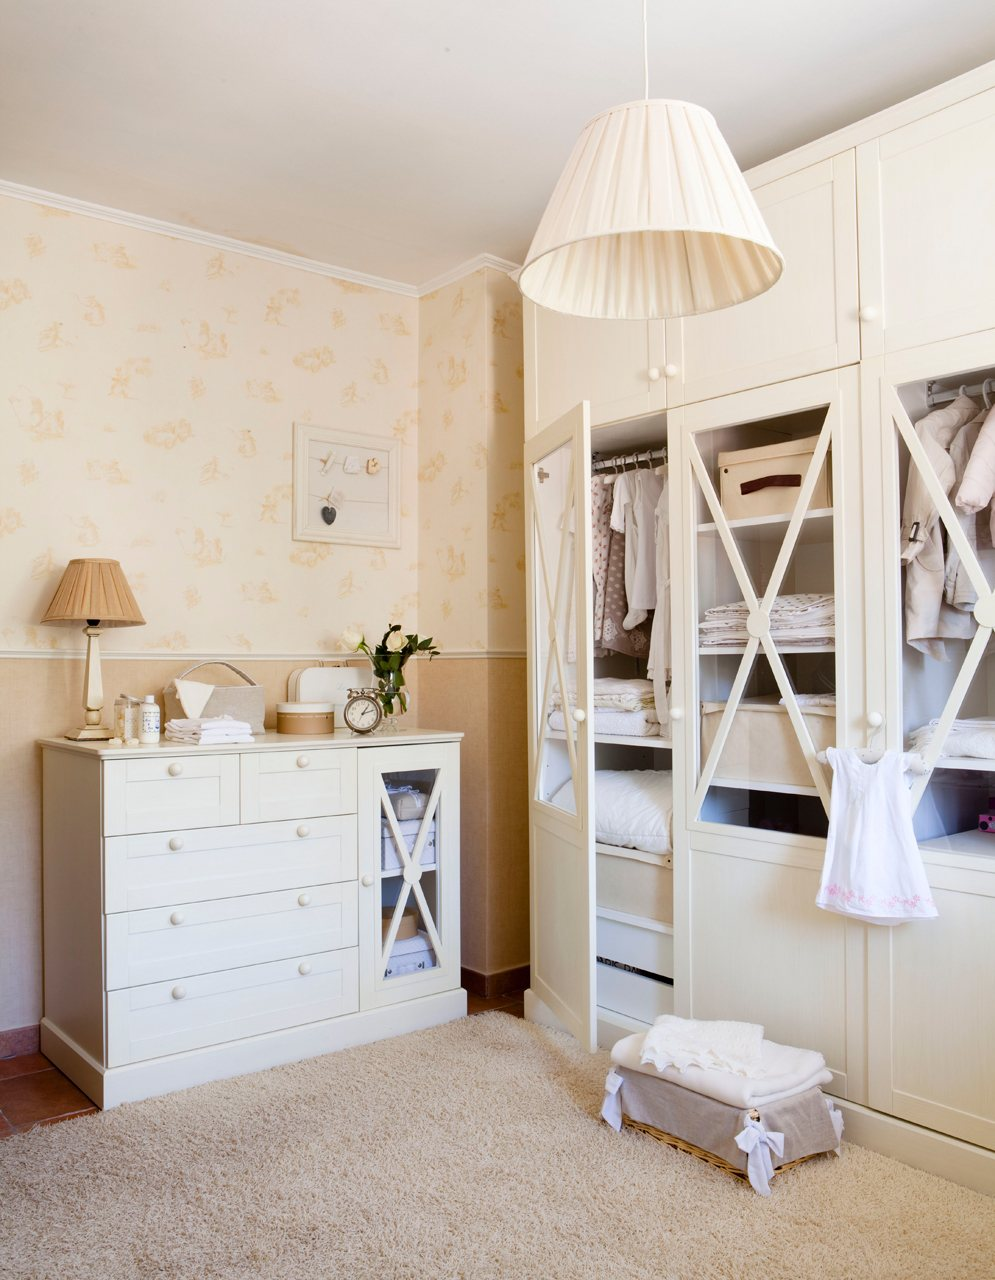 La primera habitaci n del hijo - Habitacion de madera ...